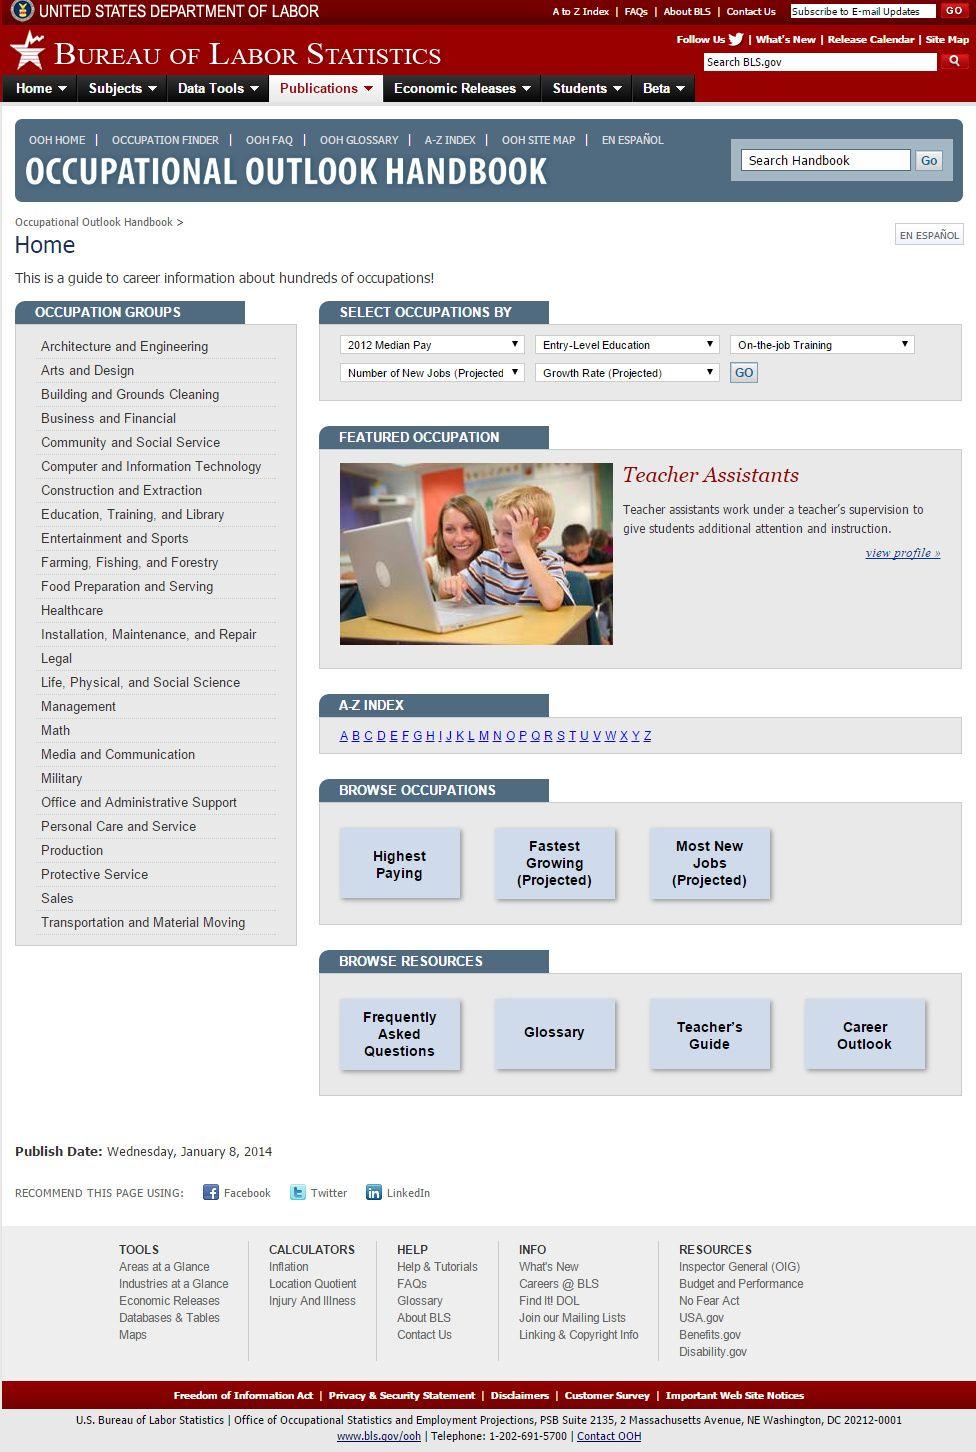 Occupational Outlook Handbook Career information, Career